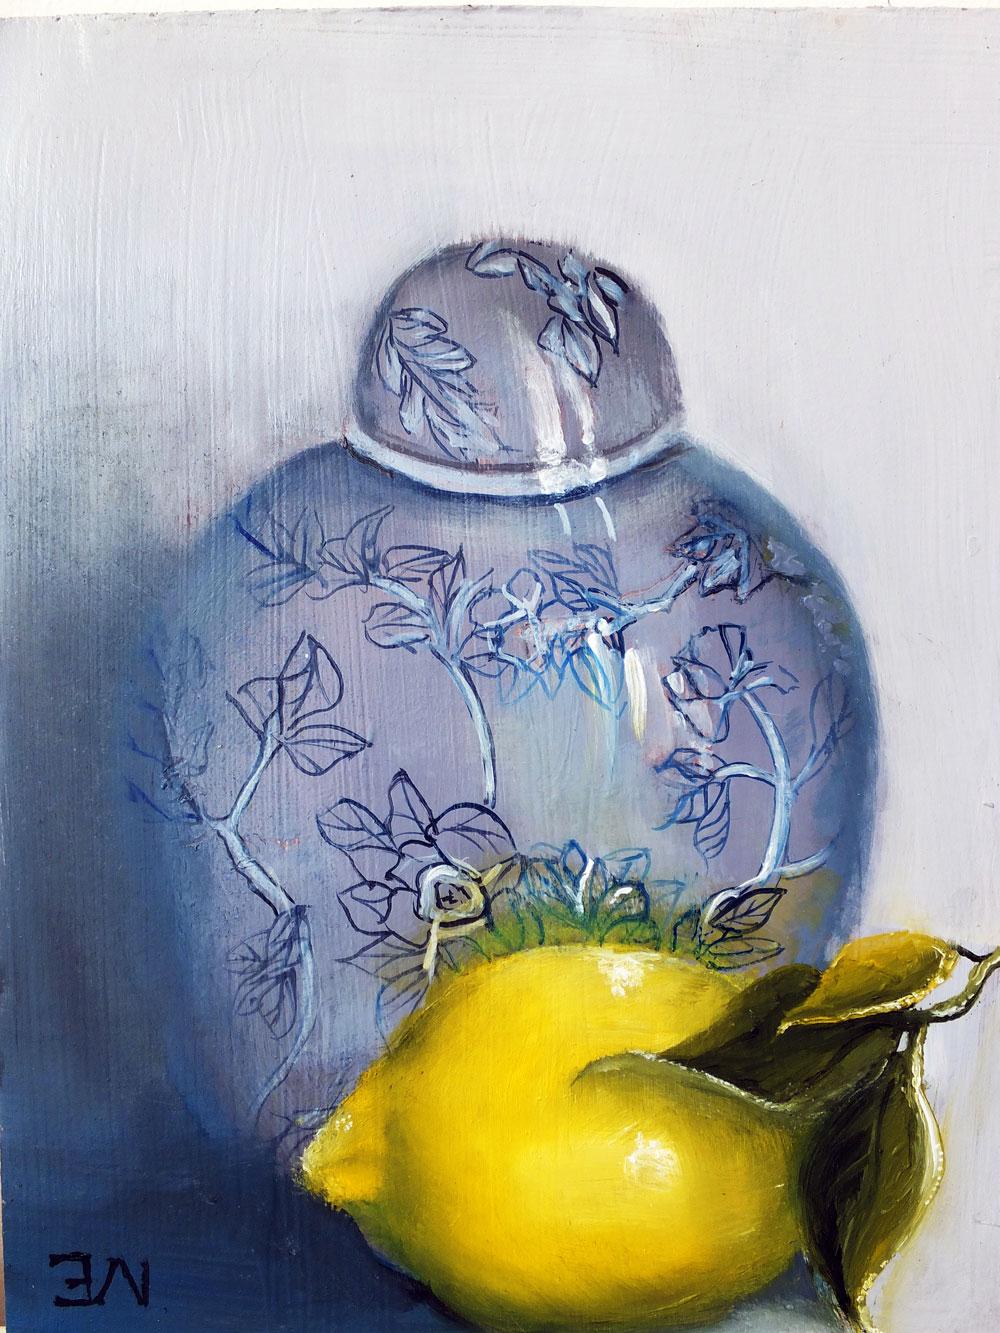 Ginger Jar And Lemon by Elizabeth Williams